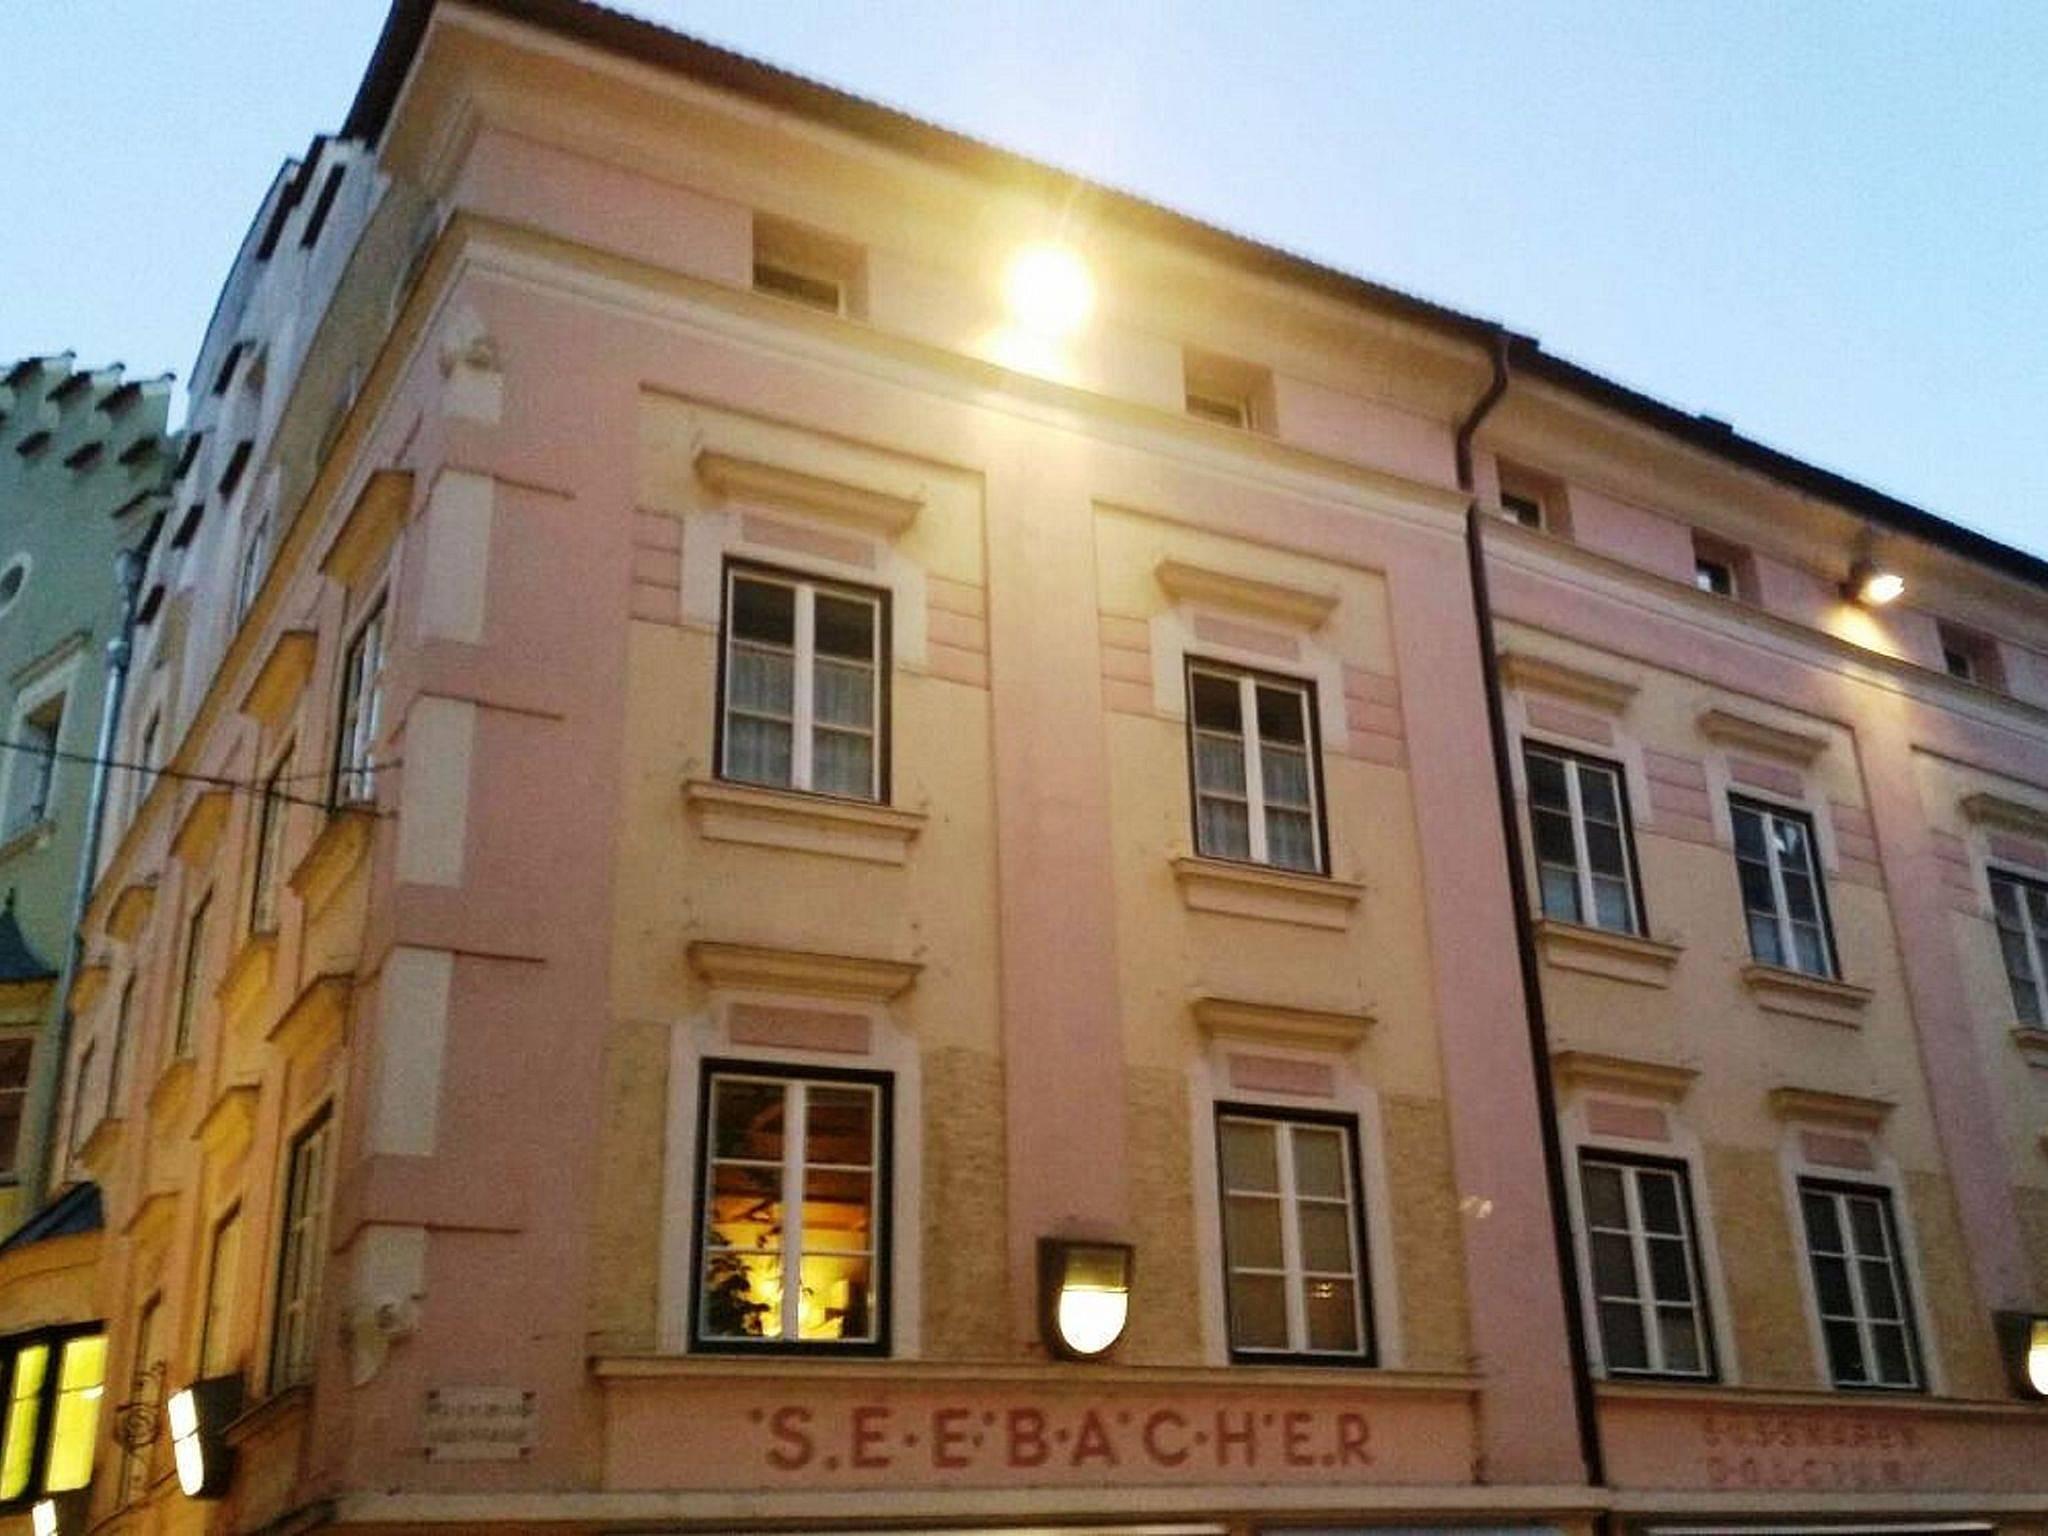 Appartamento per 5 persone plose bressanone bressanone for Alloggi a bressanone